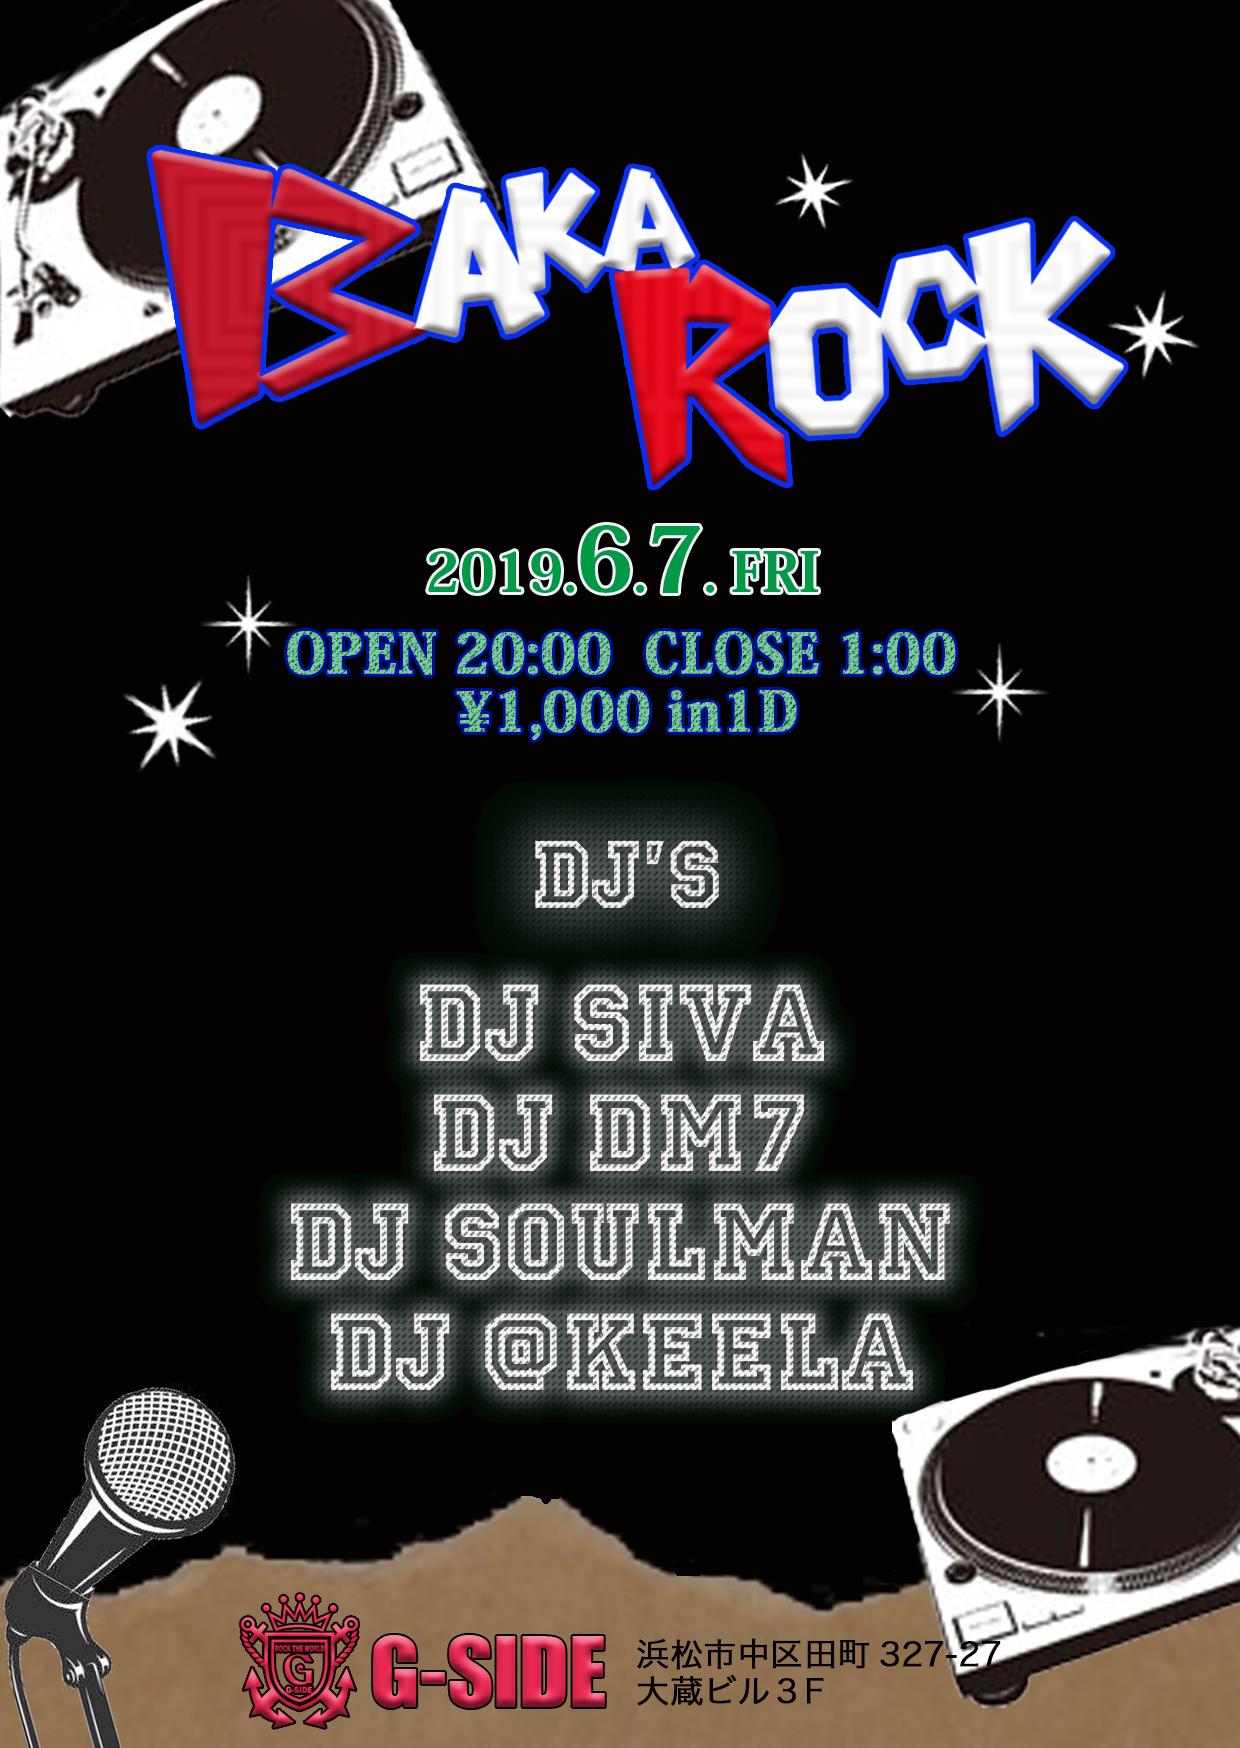 6月7日金曜日 BAKA ROCK